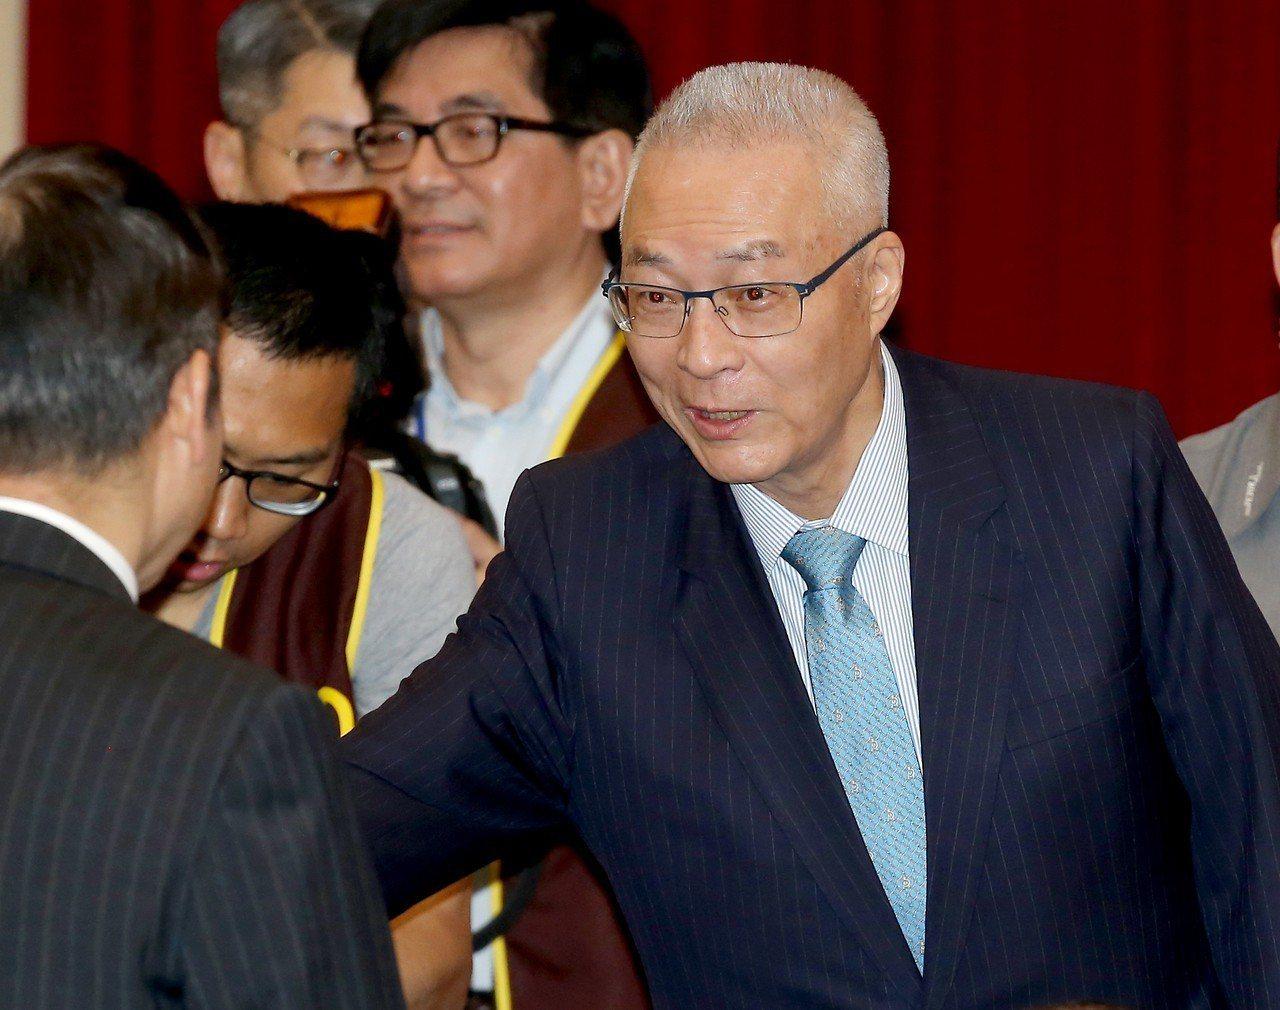 國民黨主席吳敦義上午出席馬英九基金會舉行的「突破困境,迎接挑戰」重振台灣競爭力會...